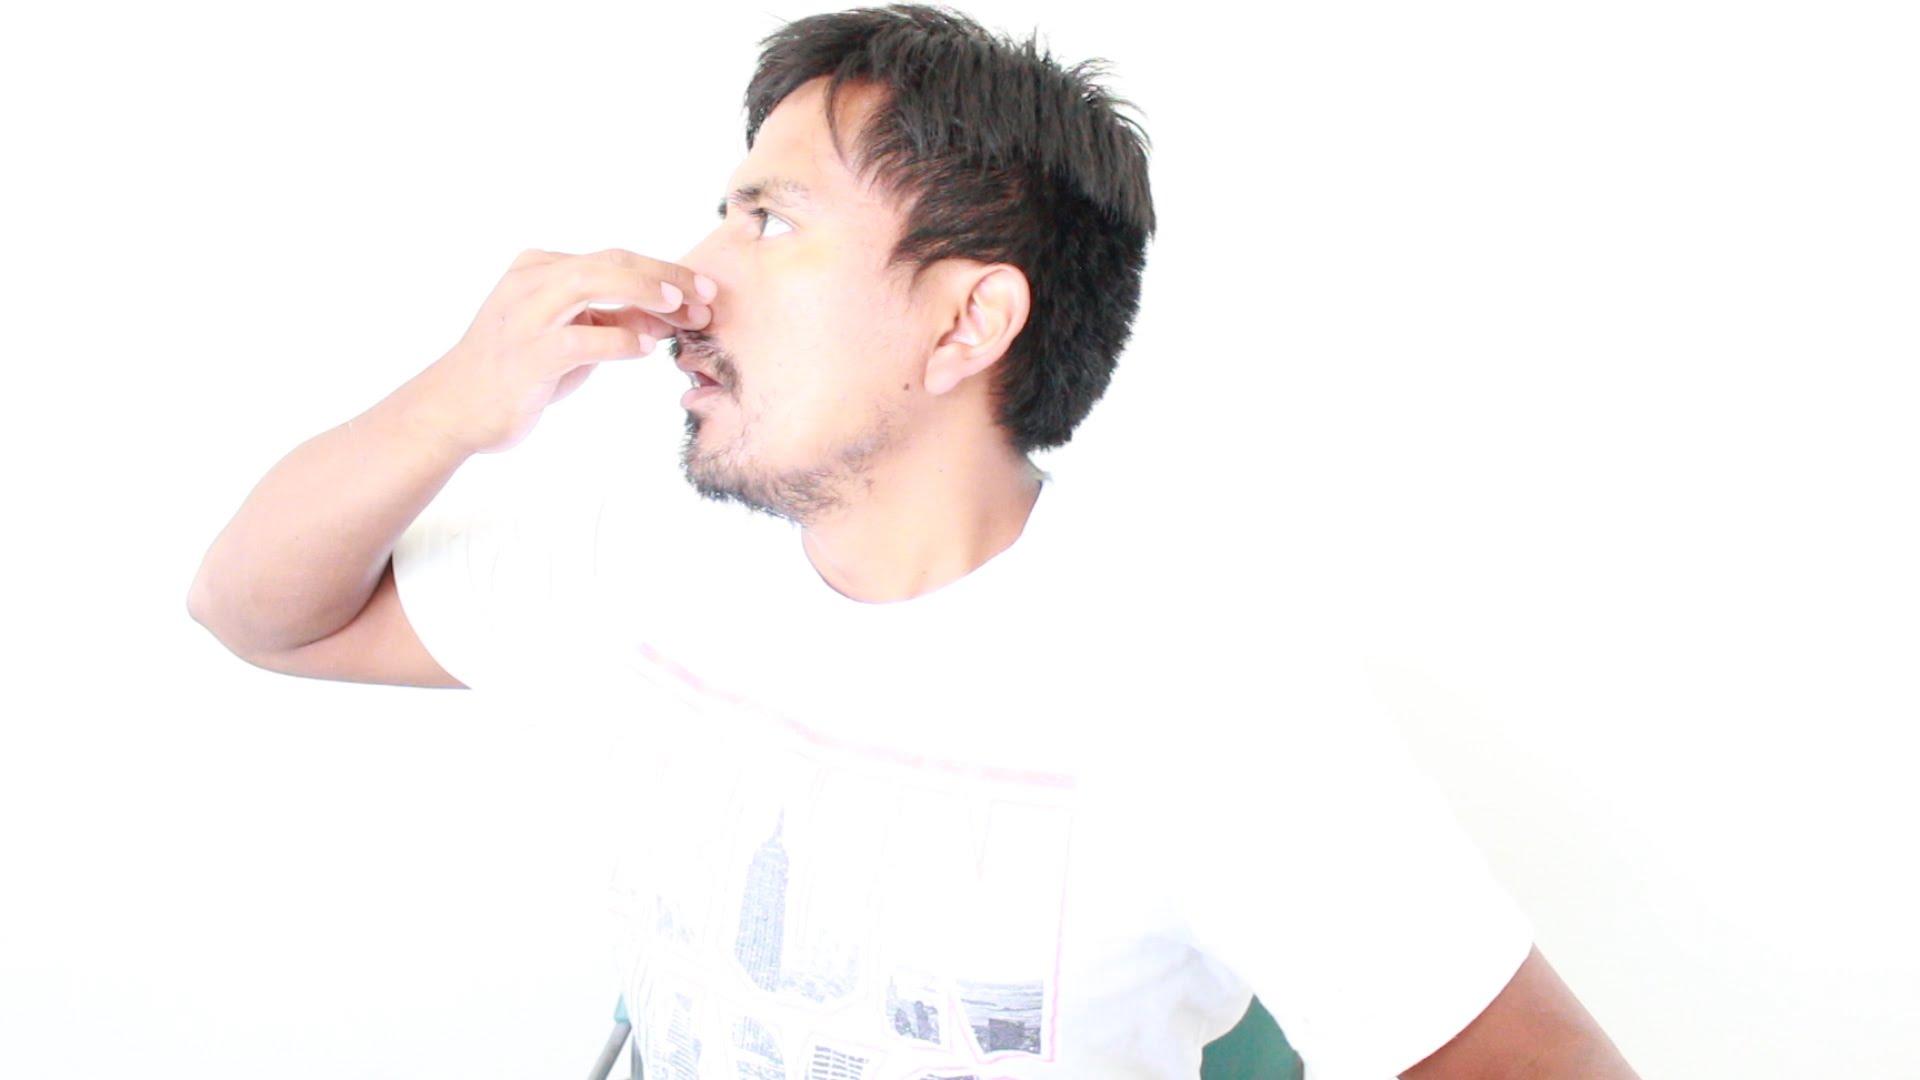 登山、潛水小心後遺症!「捏鼻子吹氣」耳膜破洞都不知道 | Heho健康